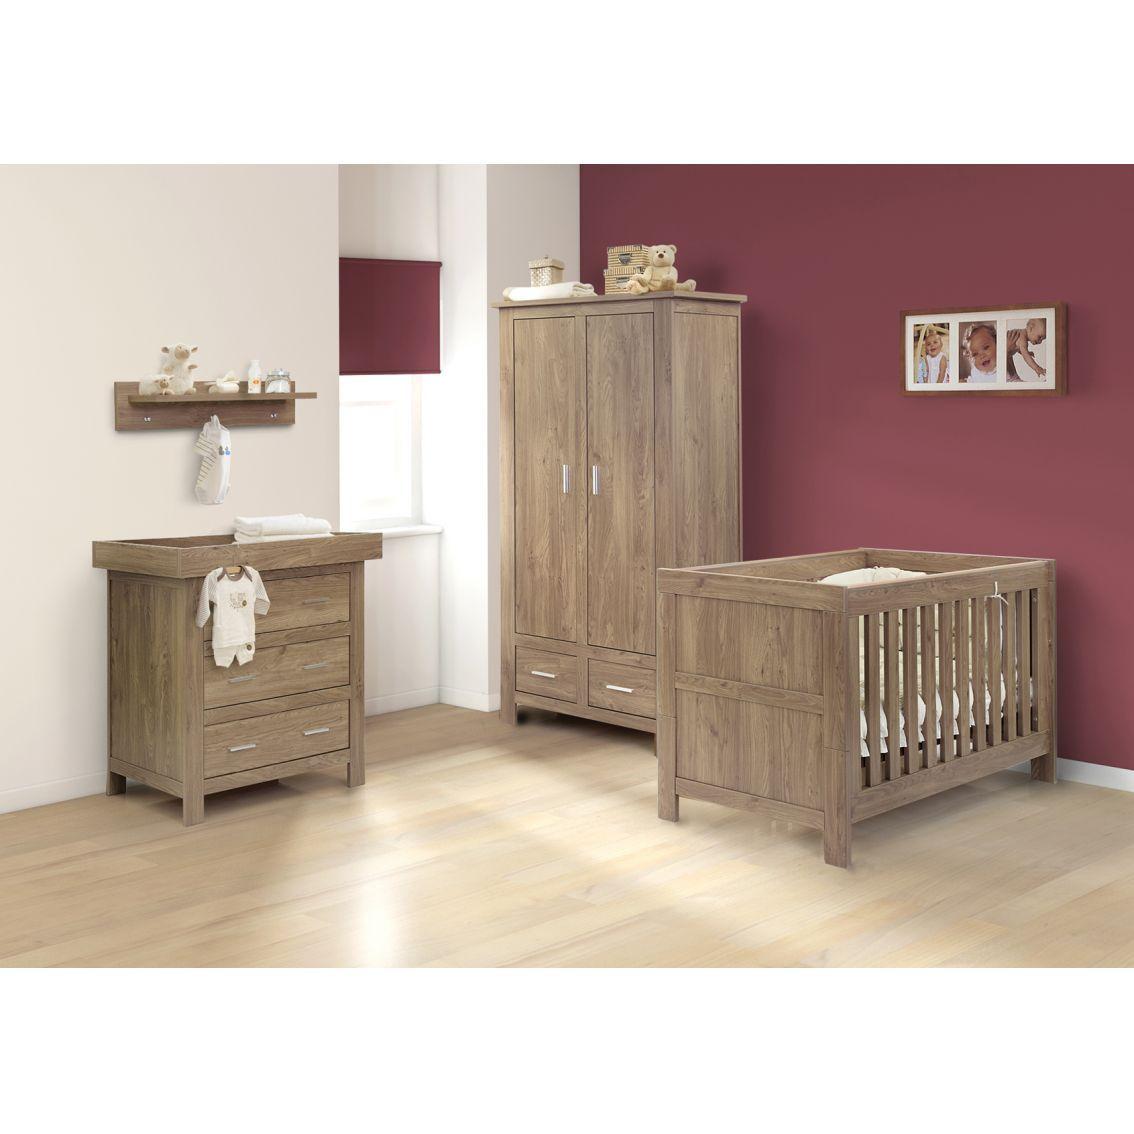 Nursery Bedroom Sets Kinderzimmer möbel, Ikea babybett